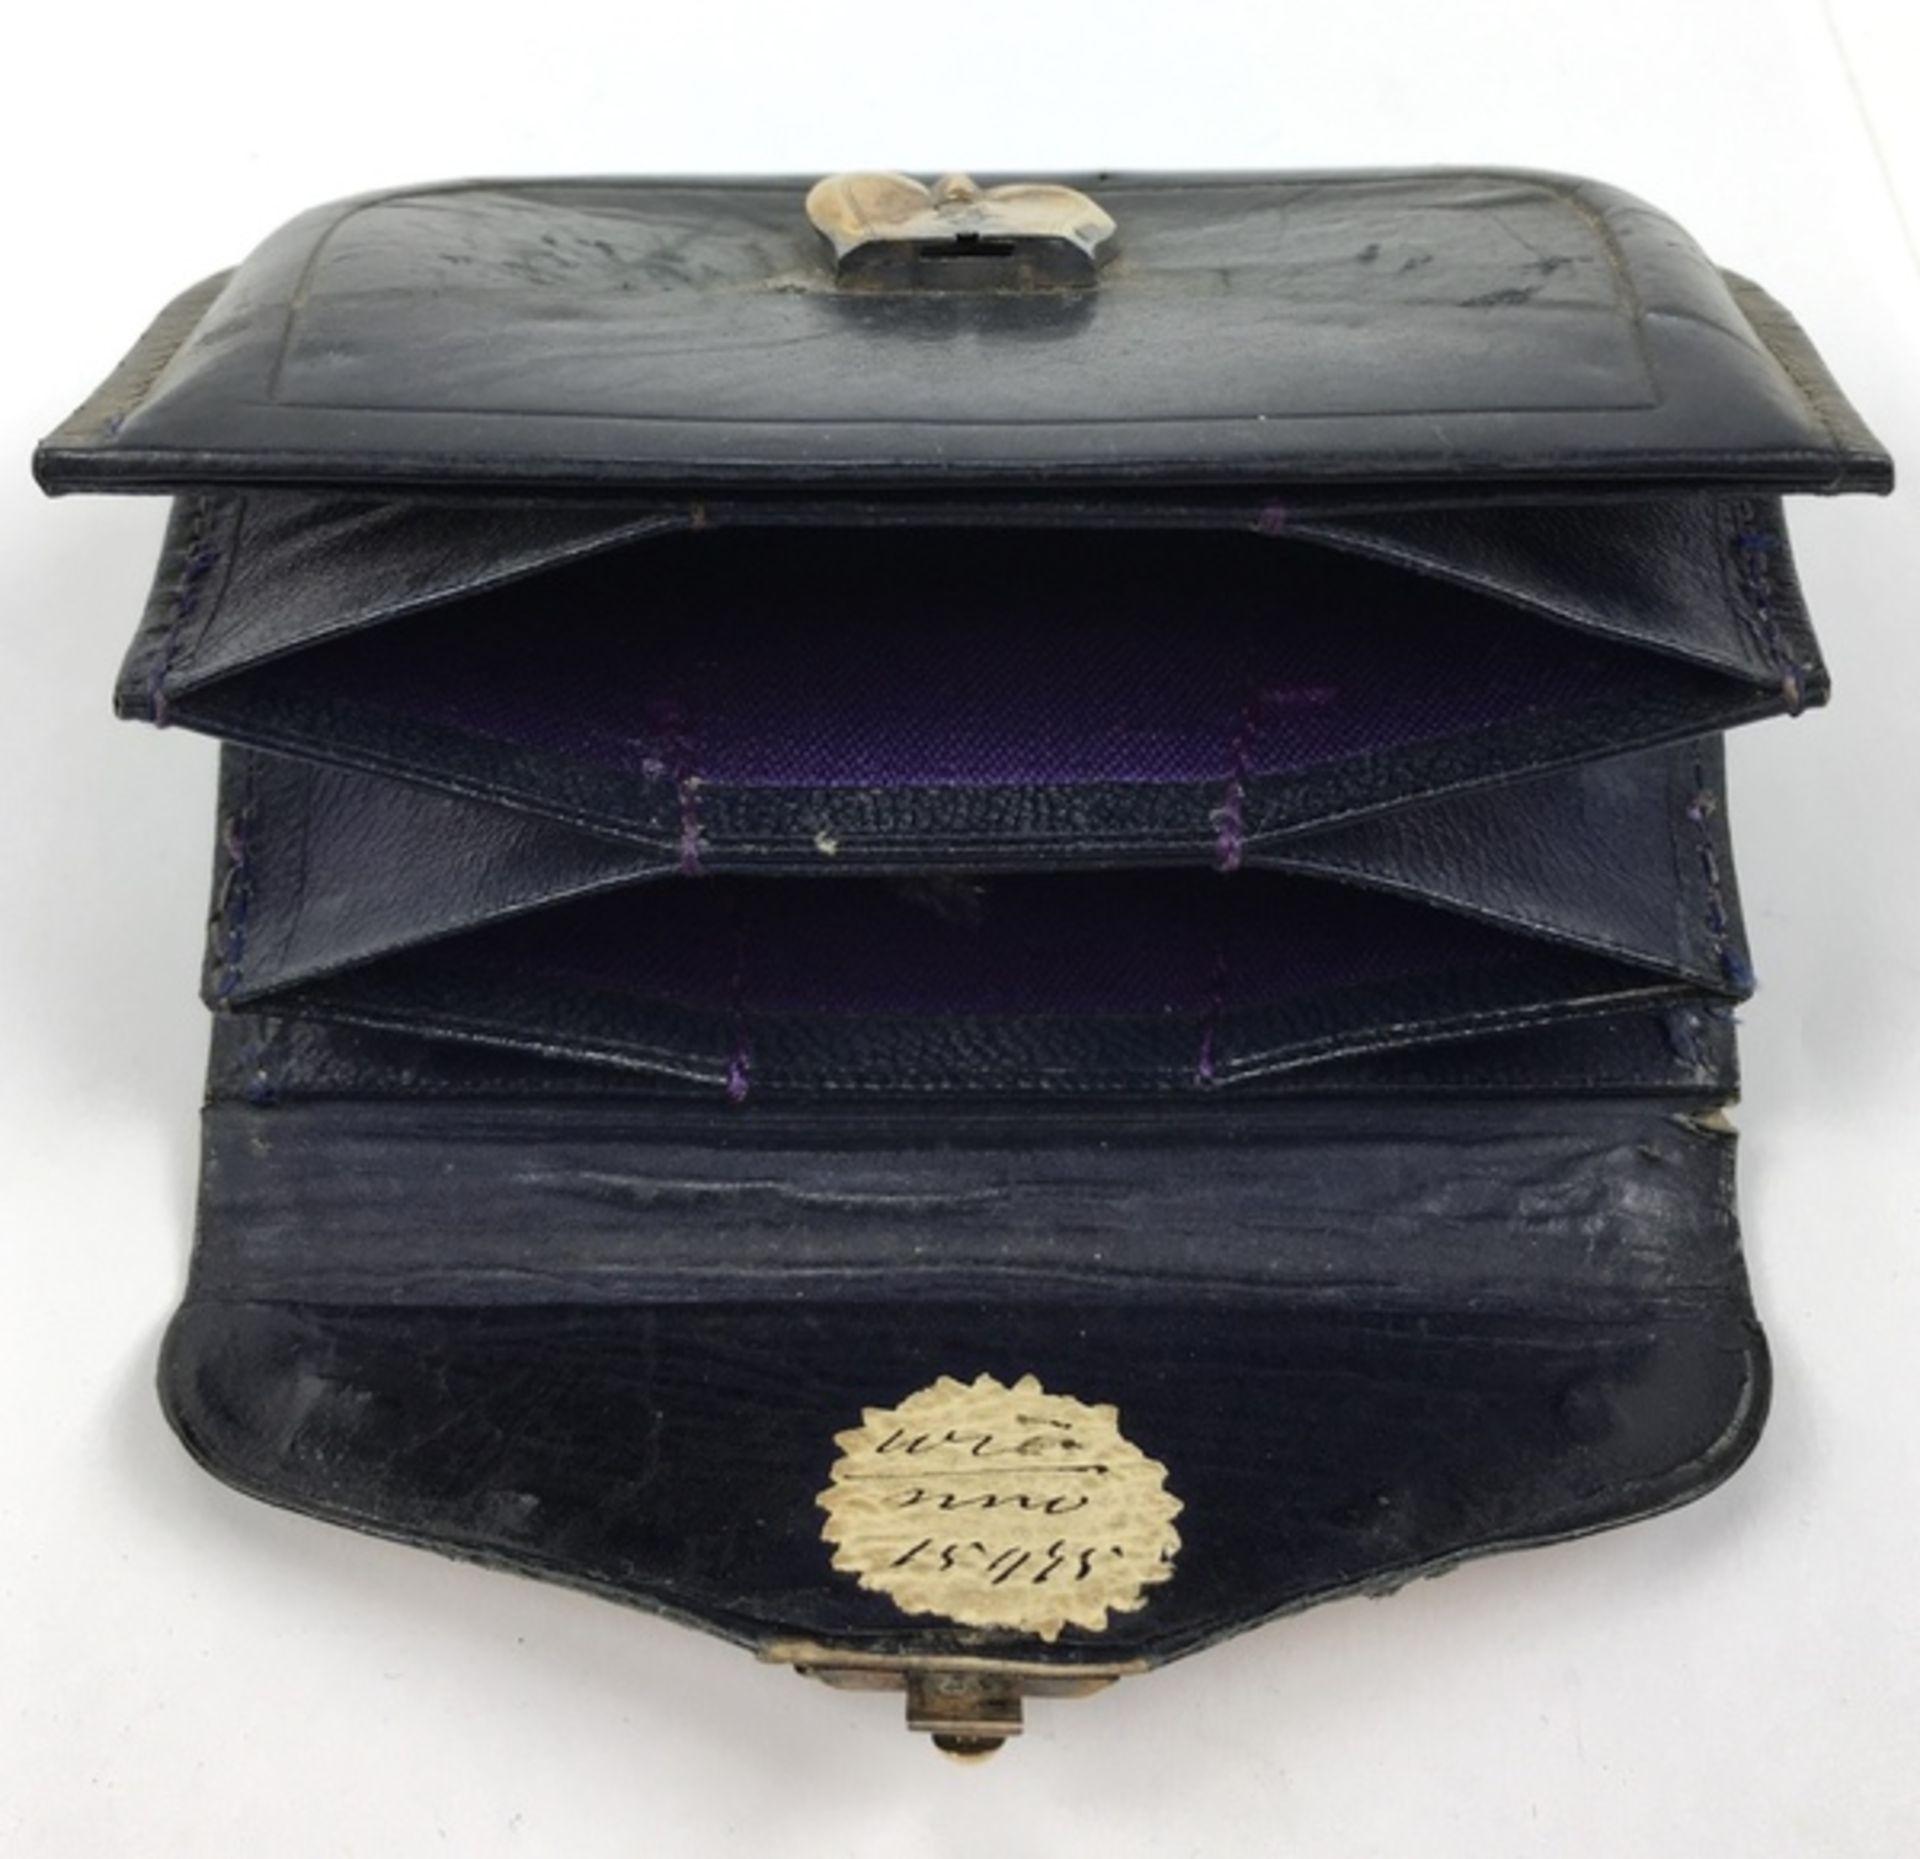 (Antiek) Bijbel en portemonnee met gouden slotenBijbel met leren kaft en gouden slot uit 1884, - Image 8 of 8